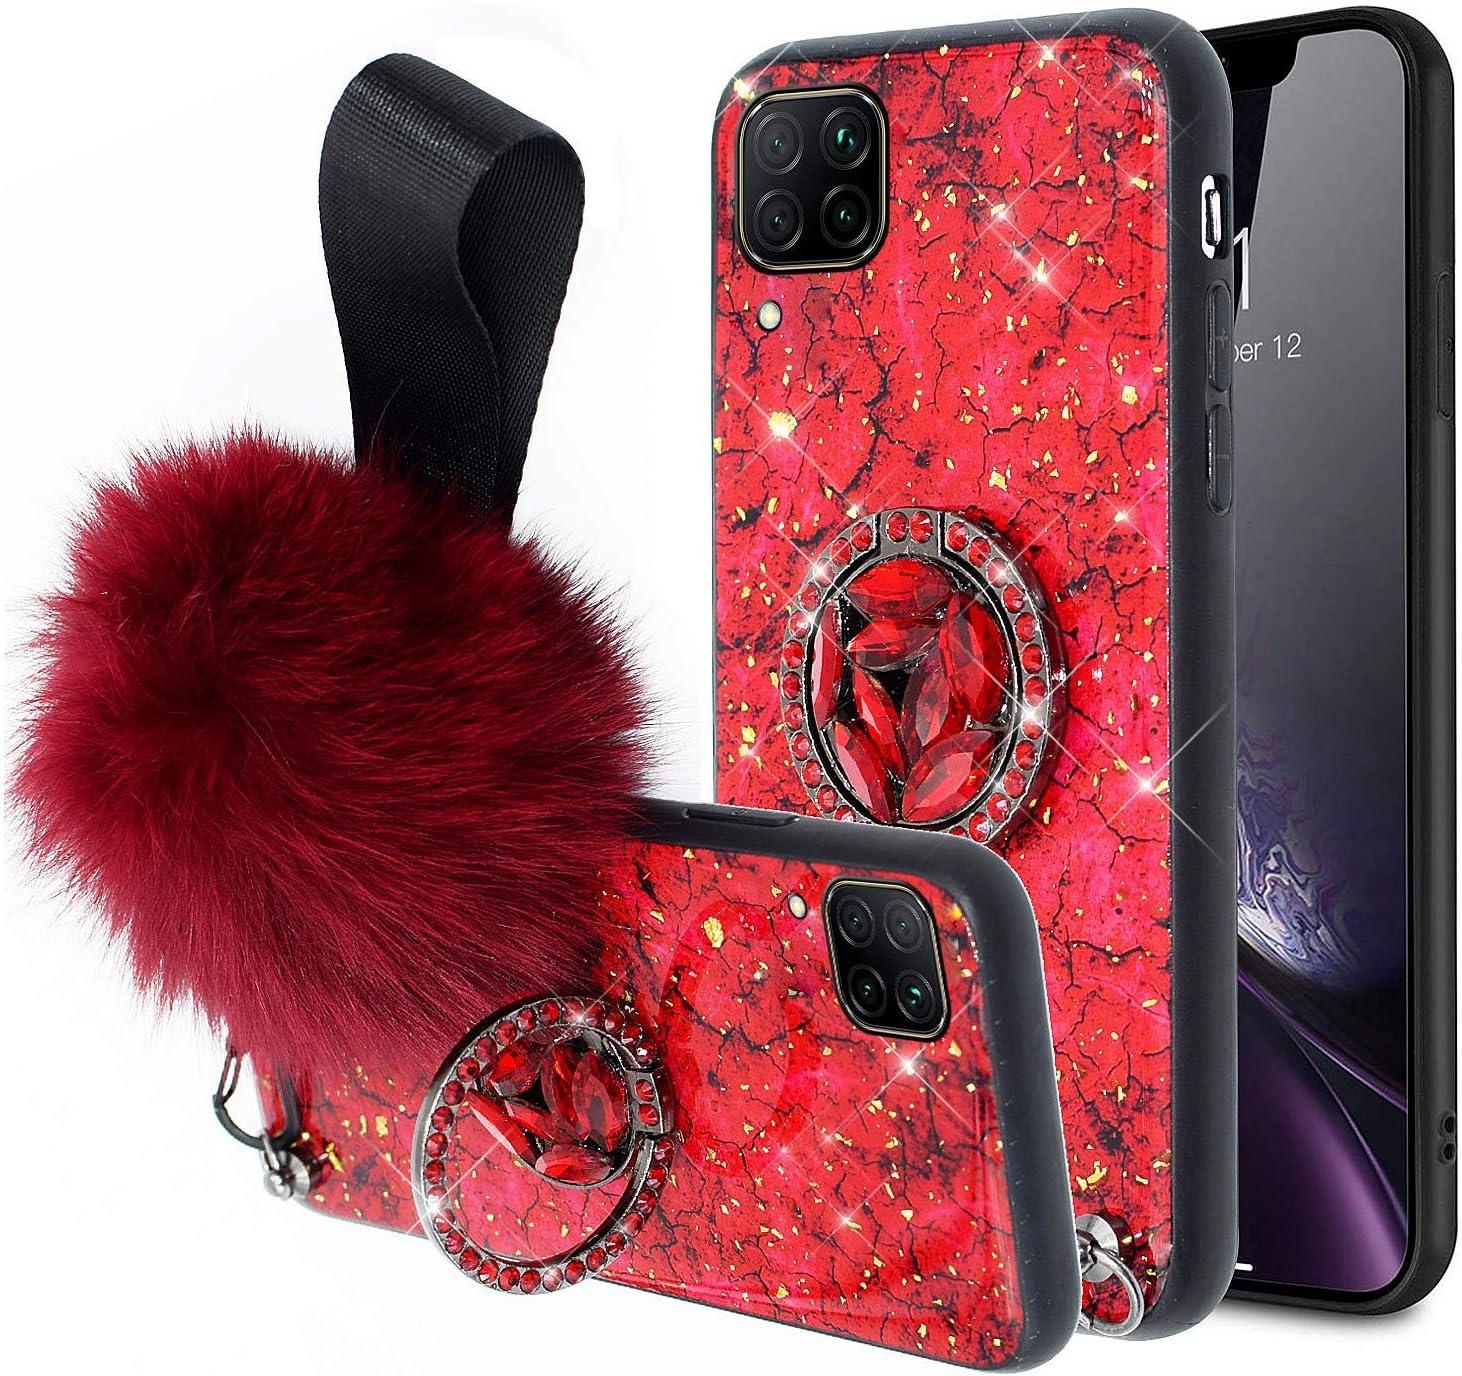 NSSTAR Compatibile con Huawei P40 Lite//Nova 6 SE Custodia in Silicone TPU Silicone Anello con Diamante Tondo Cover TPU+PC Backcover Protettivo Bumper Case Antiurto,Rosso con Hairball